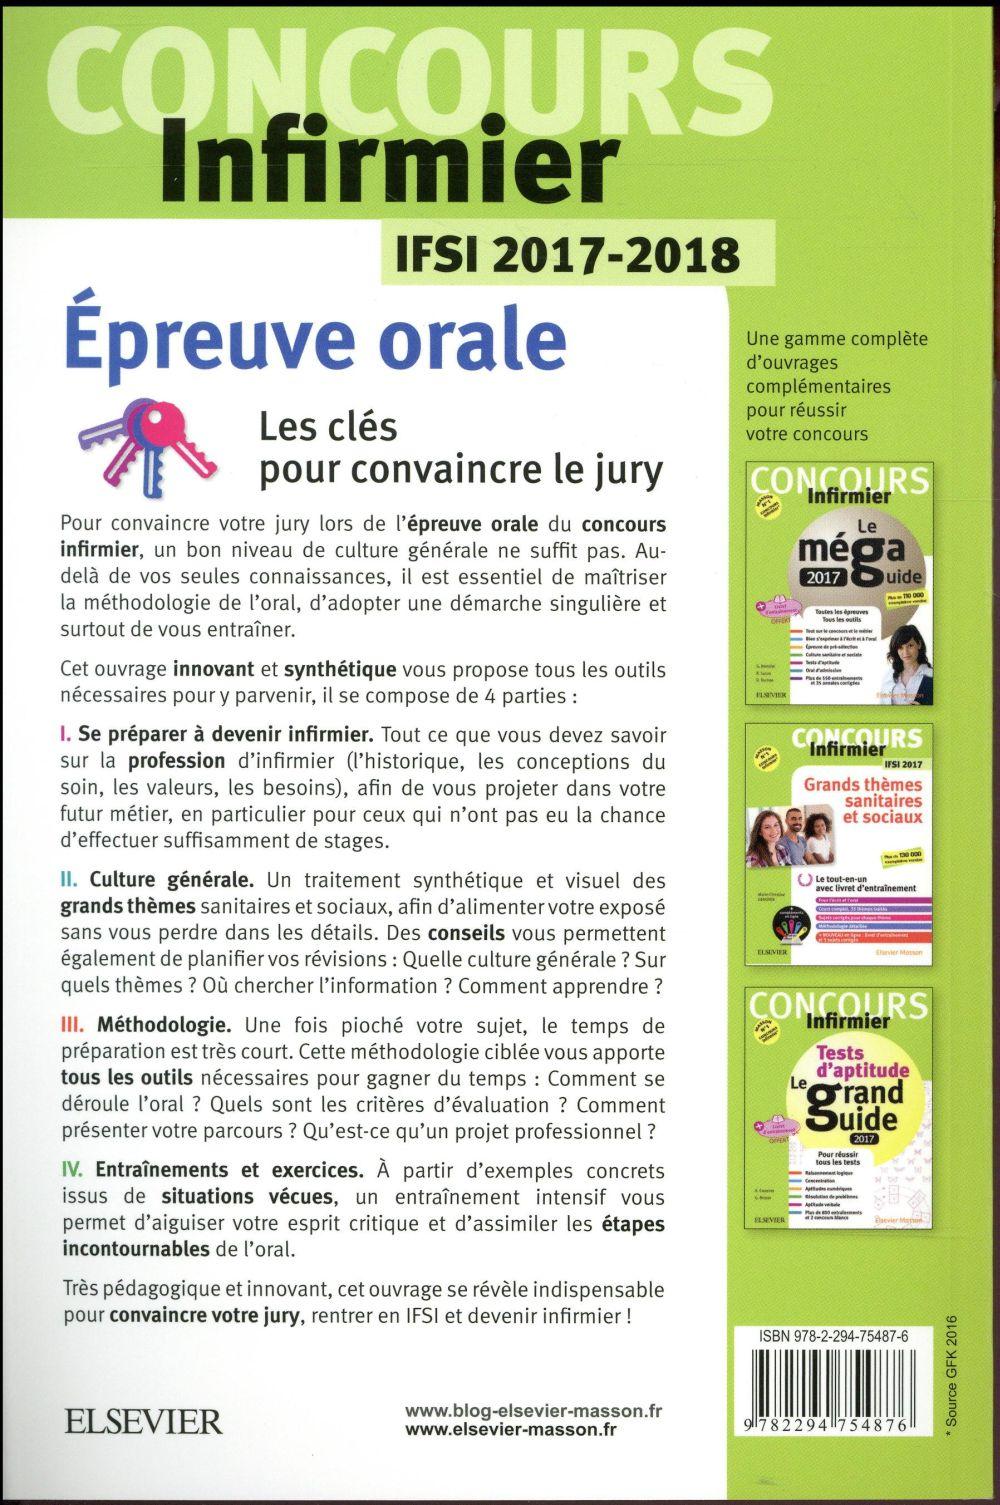 Concours Infirmier Epreuve Orale Ifsi 2017 2018 Pierre Montagu Elsevier Masson Grand Format Al Kitab Tunis Le Colisee